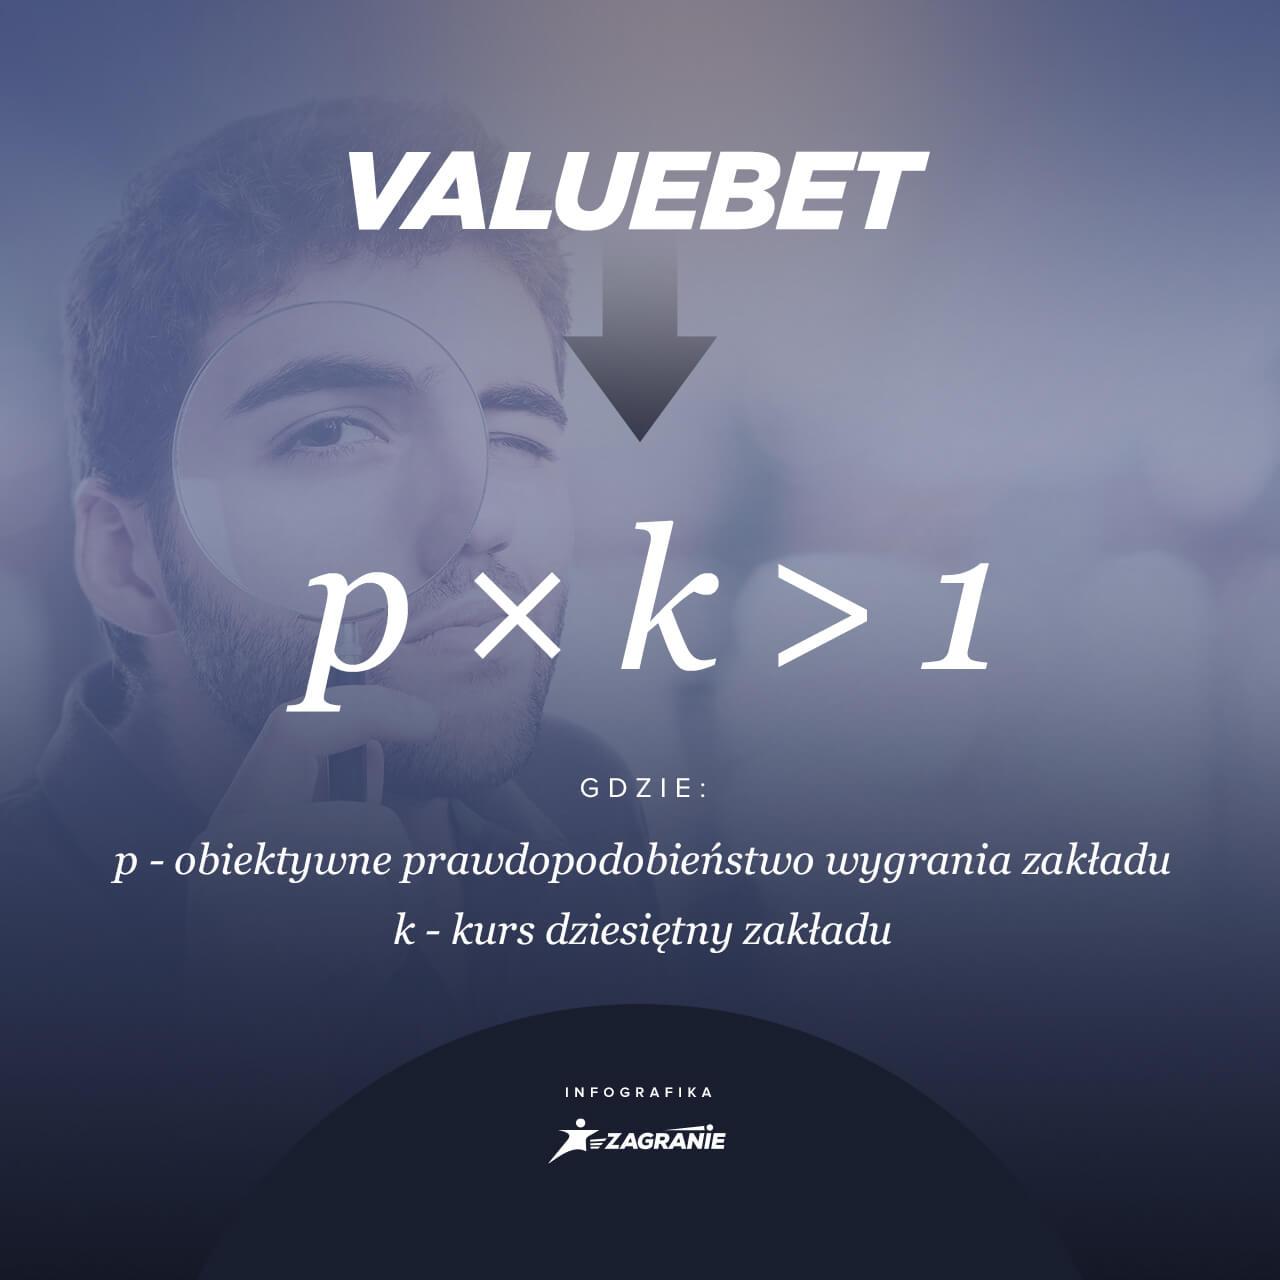 wzór na valuebet